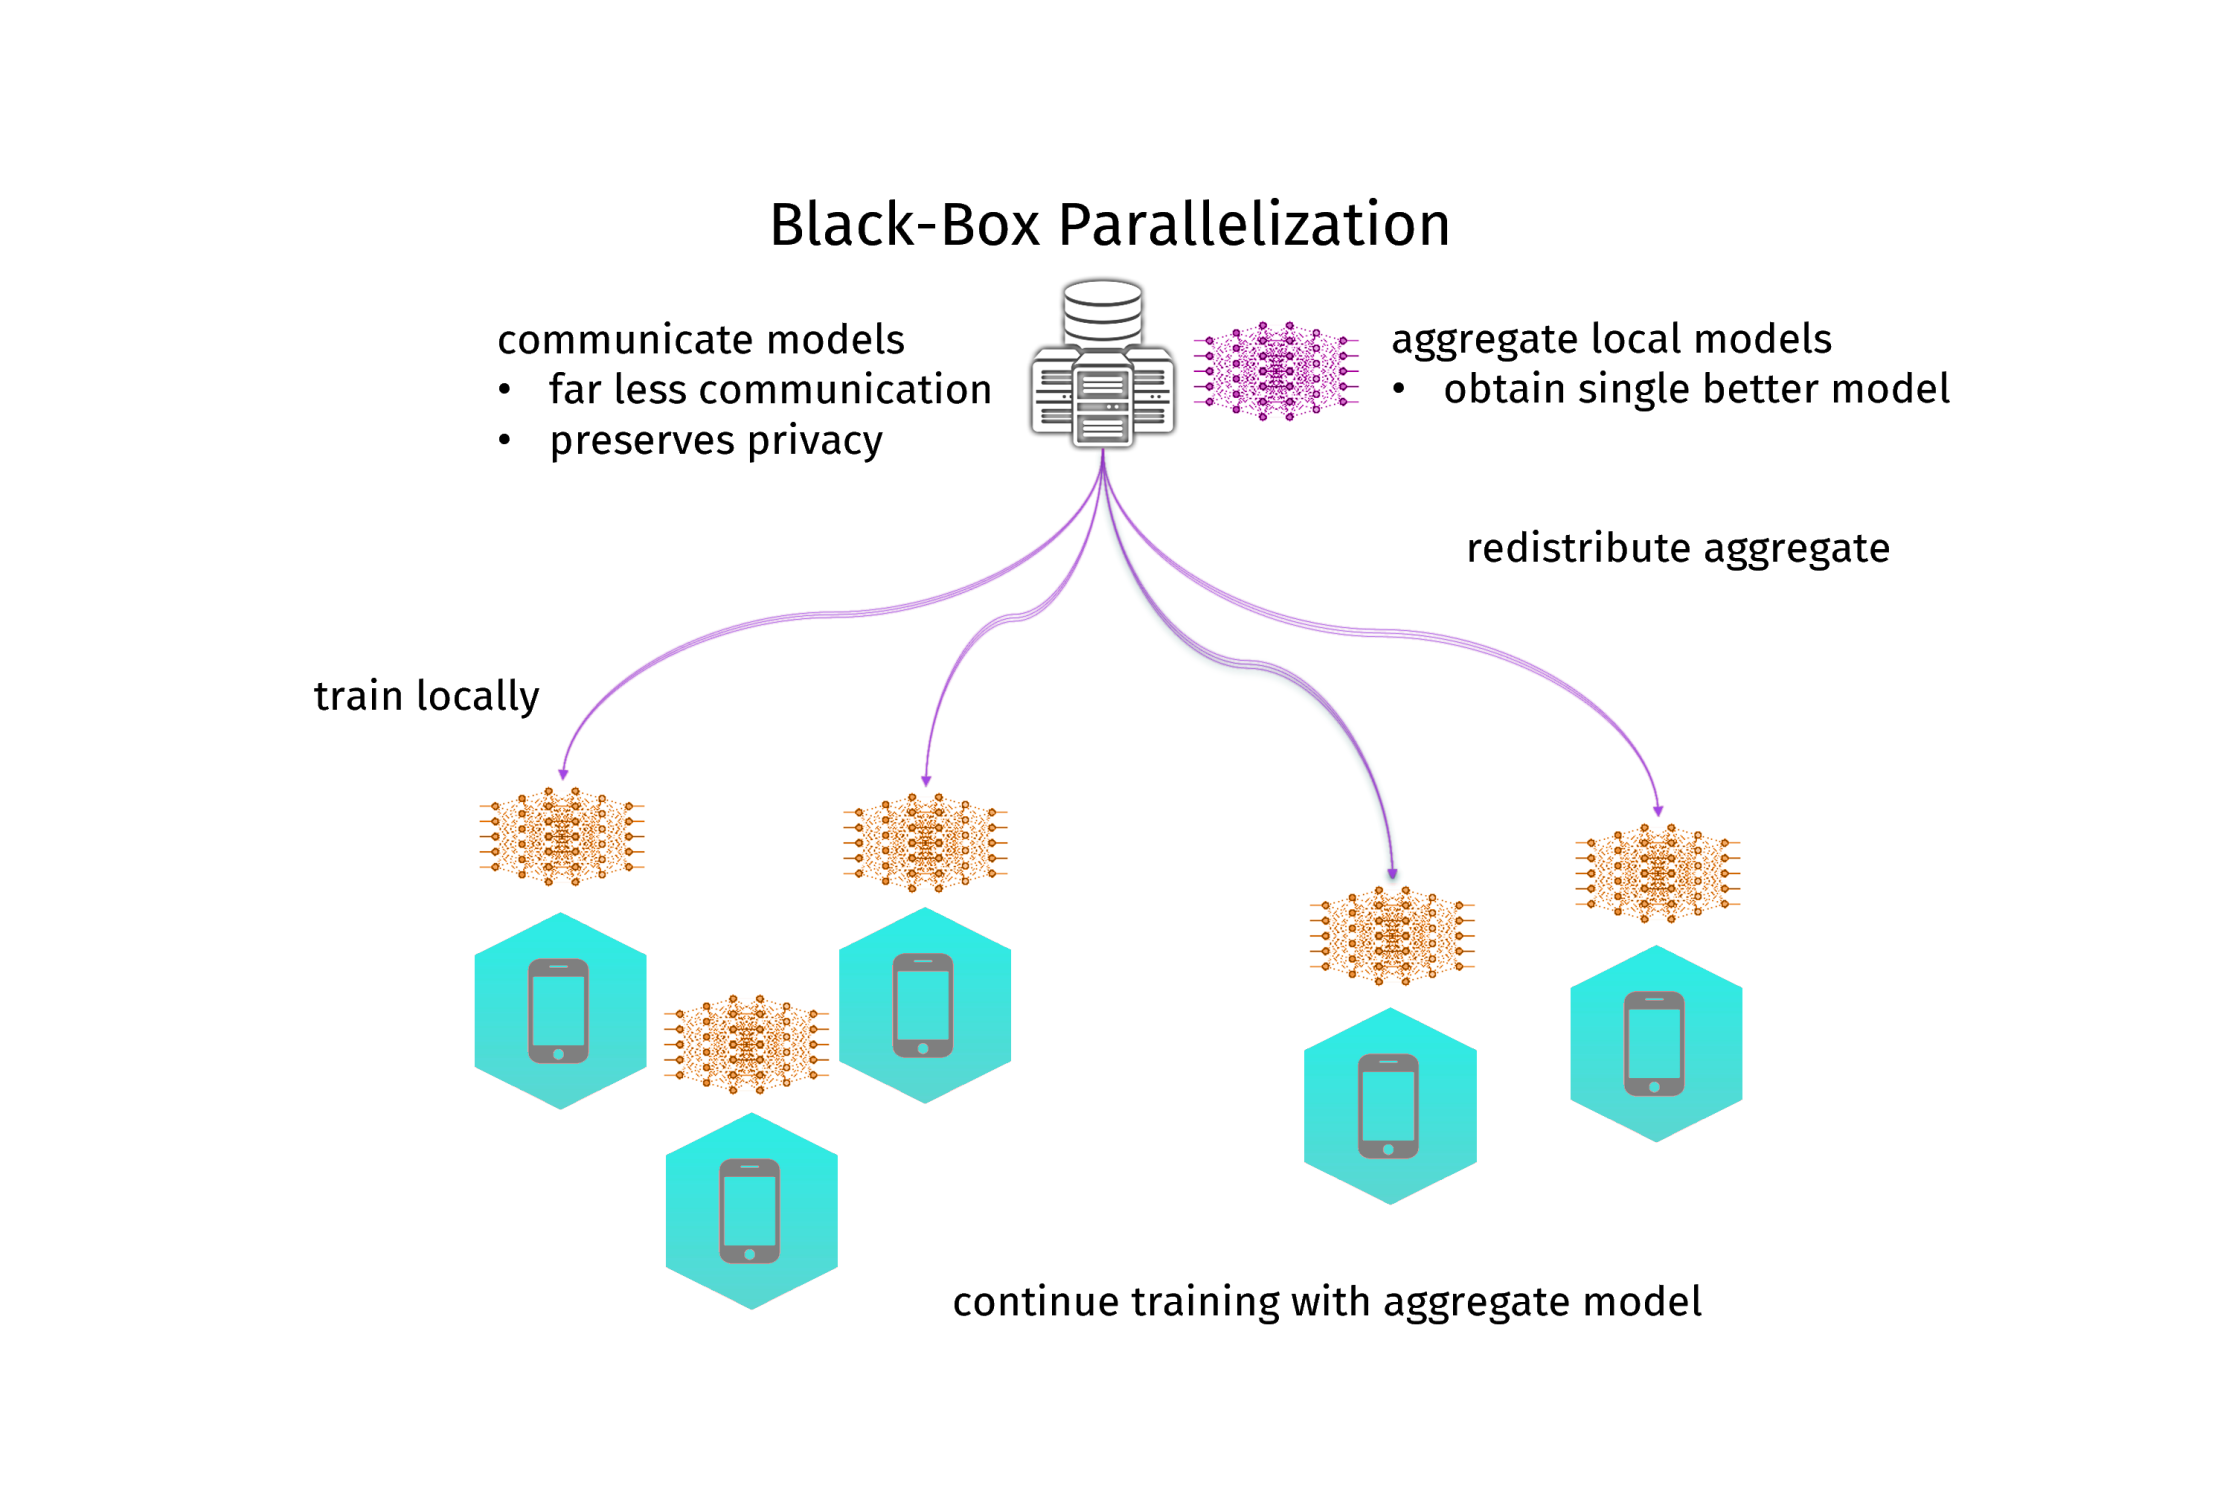 Schema of black-box parallelization